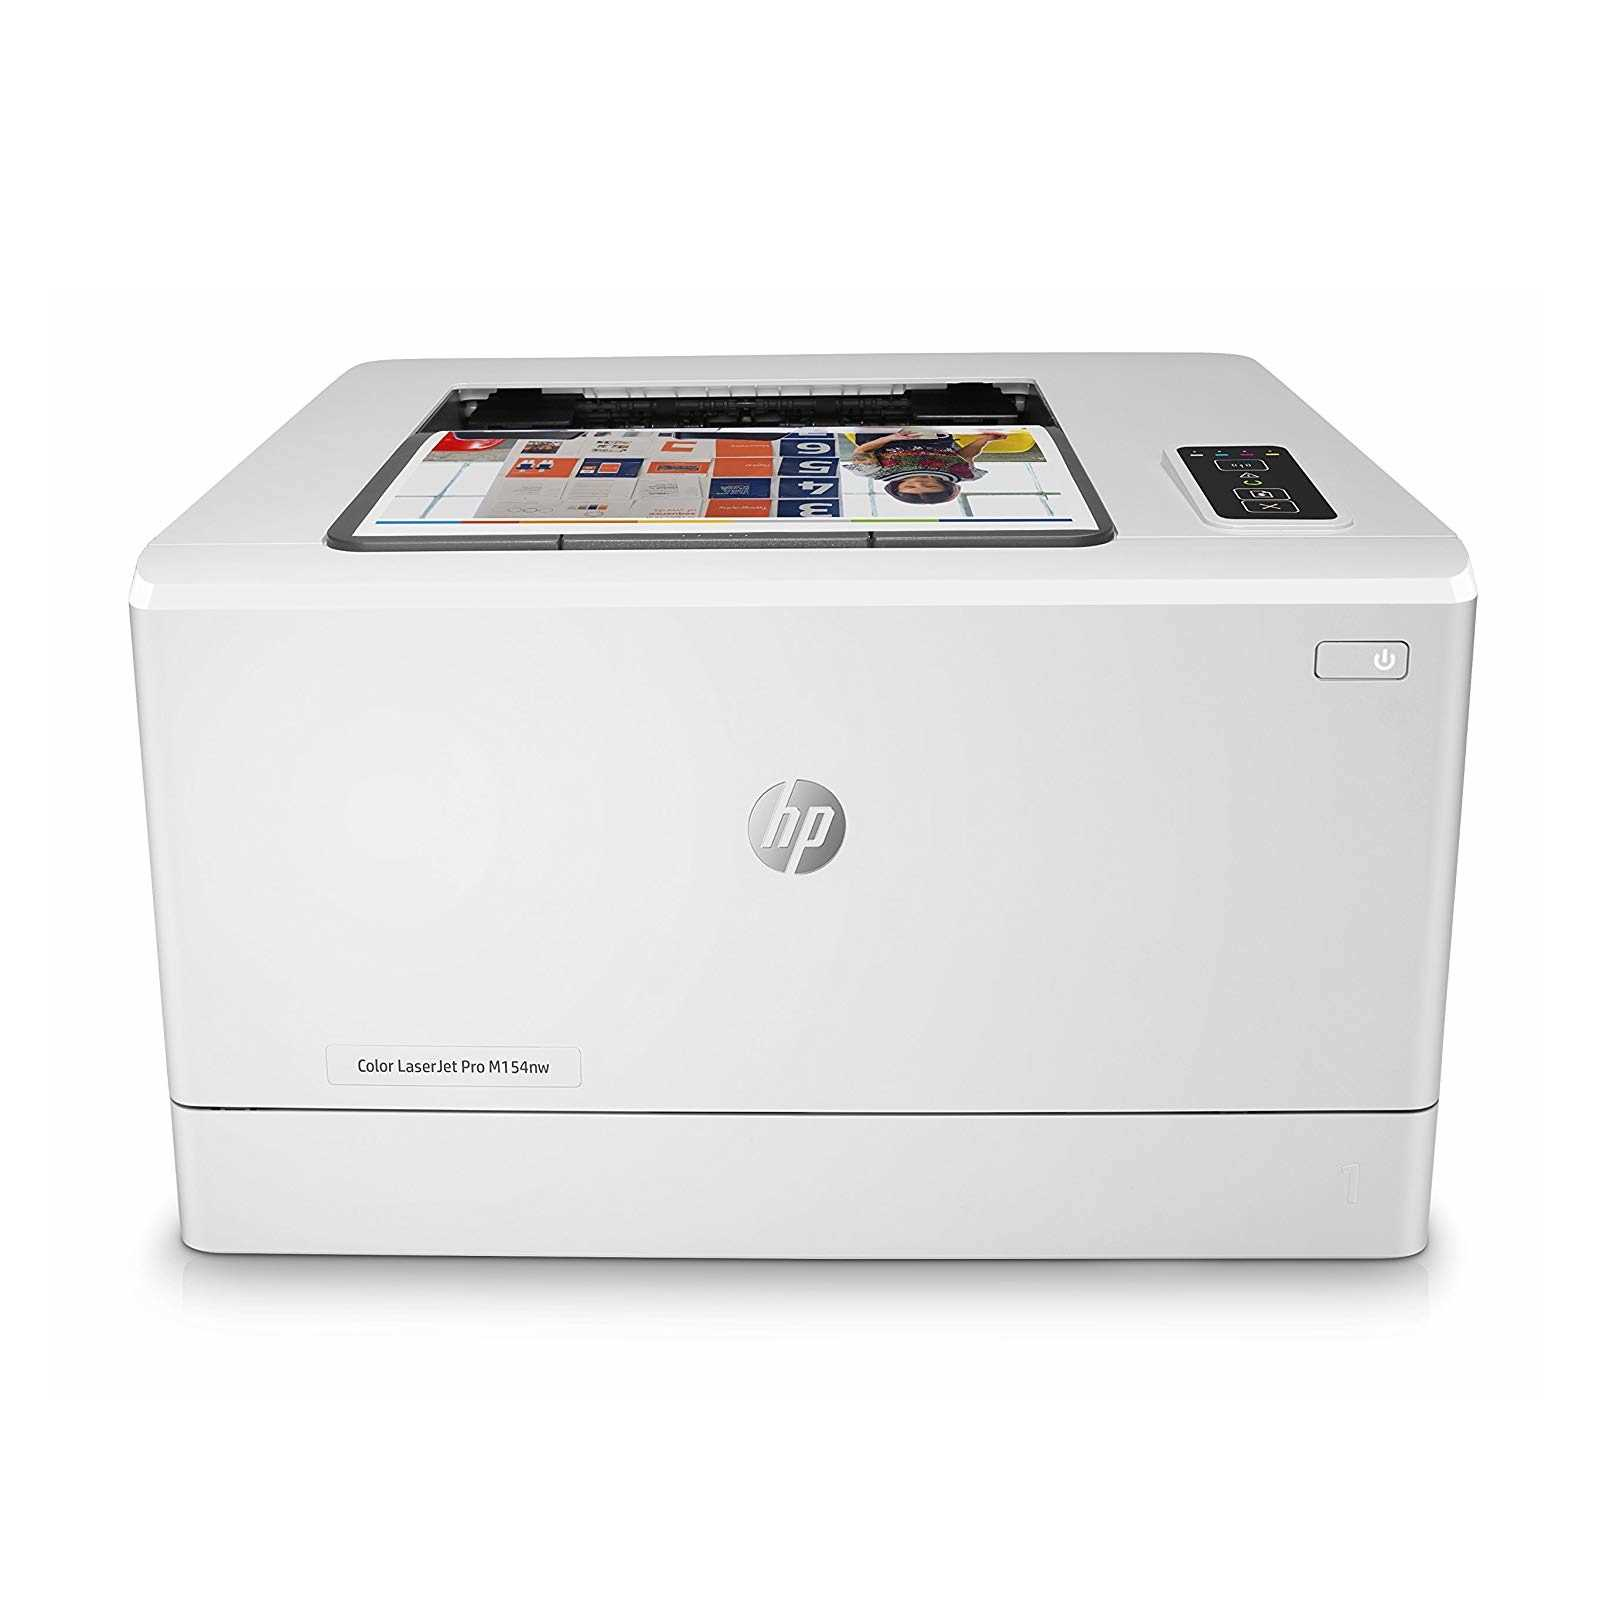 HP Laserjet Pro M154NW Laser Single Function Printer